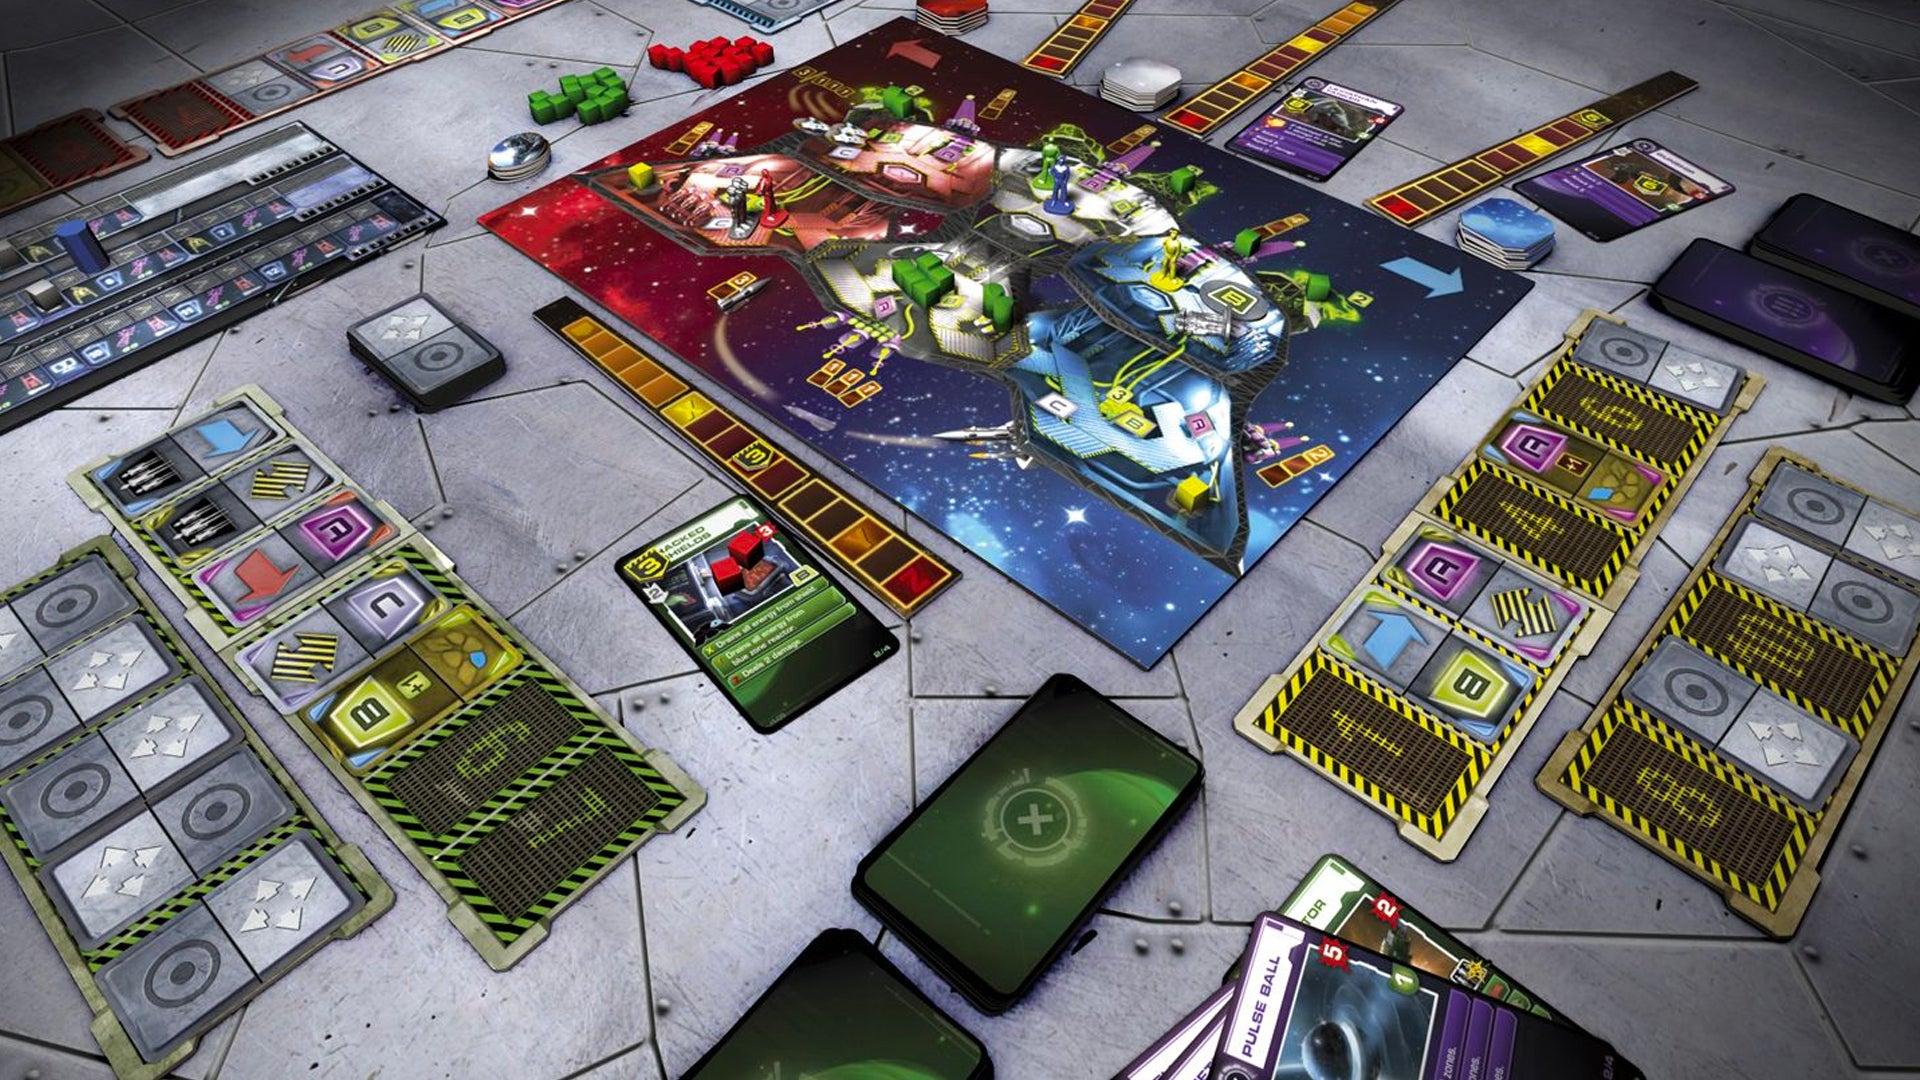 space-alert-board-game-gameplay.jpg